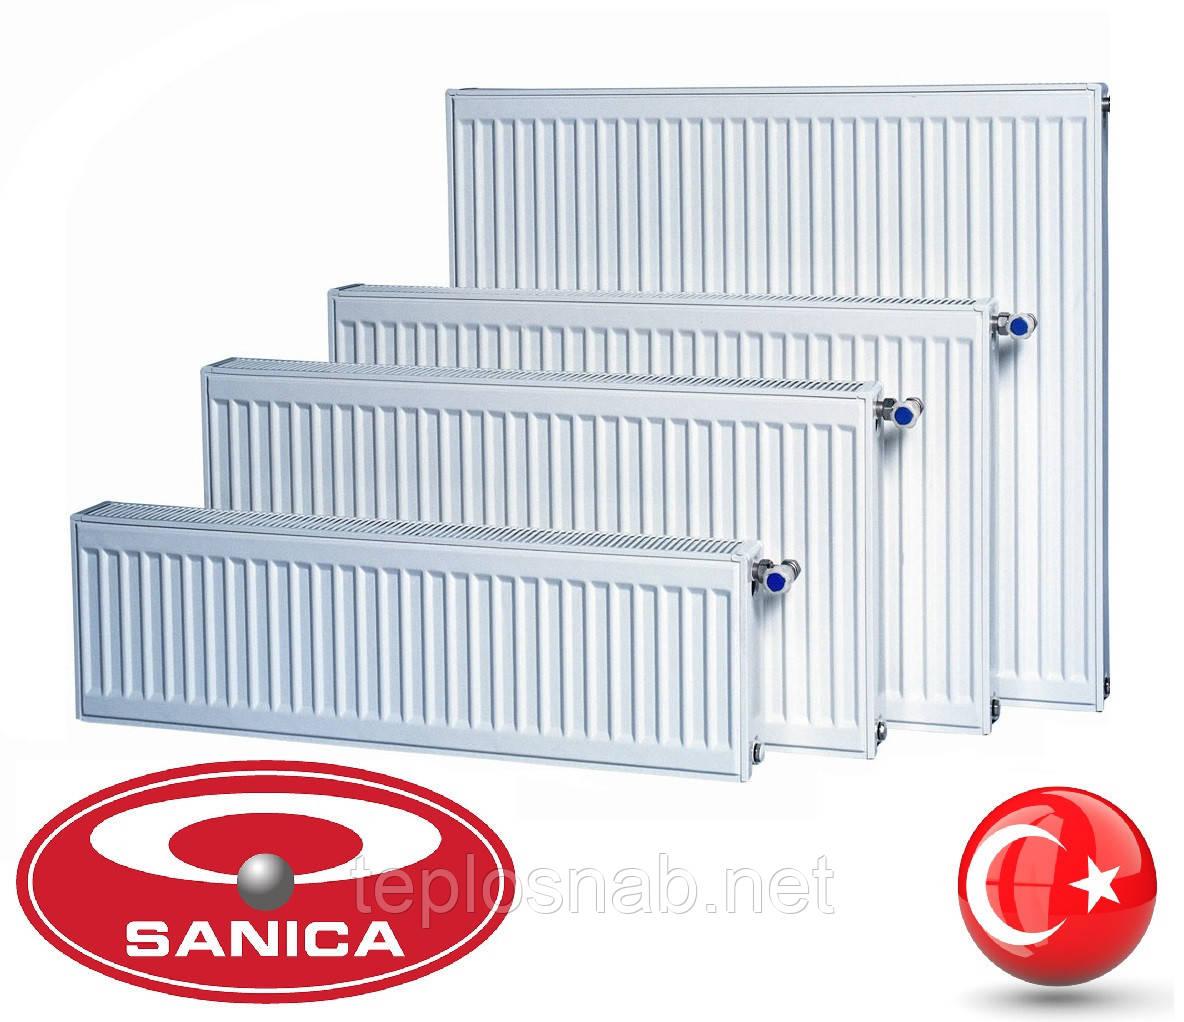 Стальной радиатор Sanica 22 тип (500 х 3000 мм) / 5787 Вт